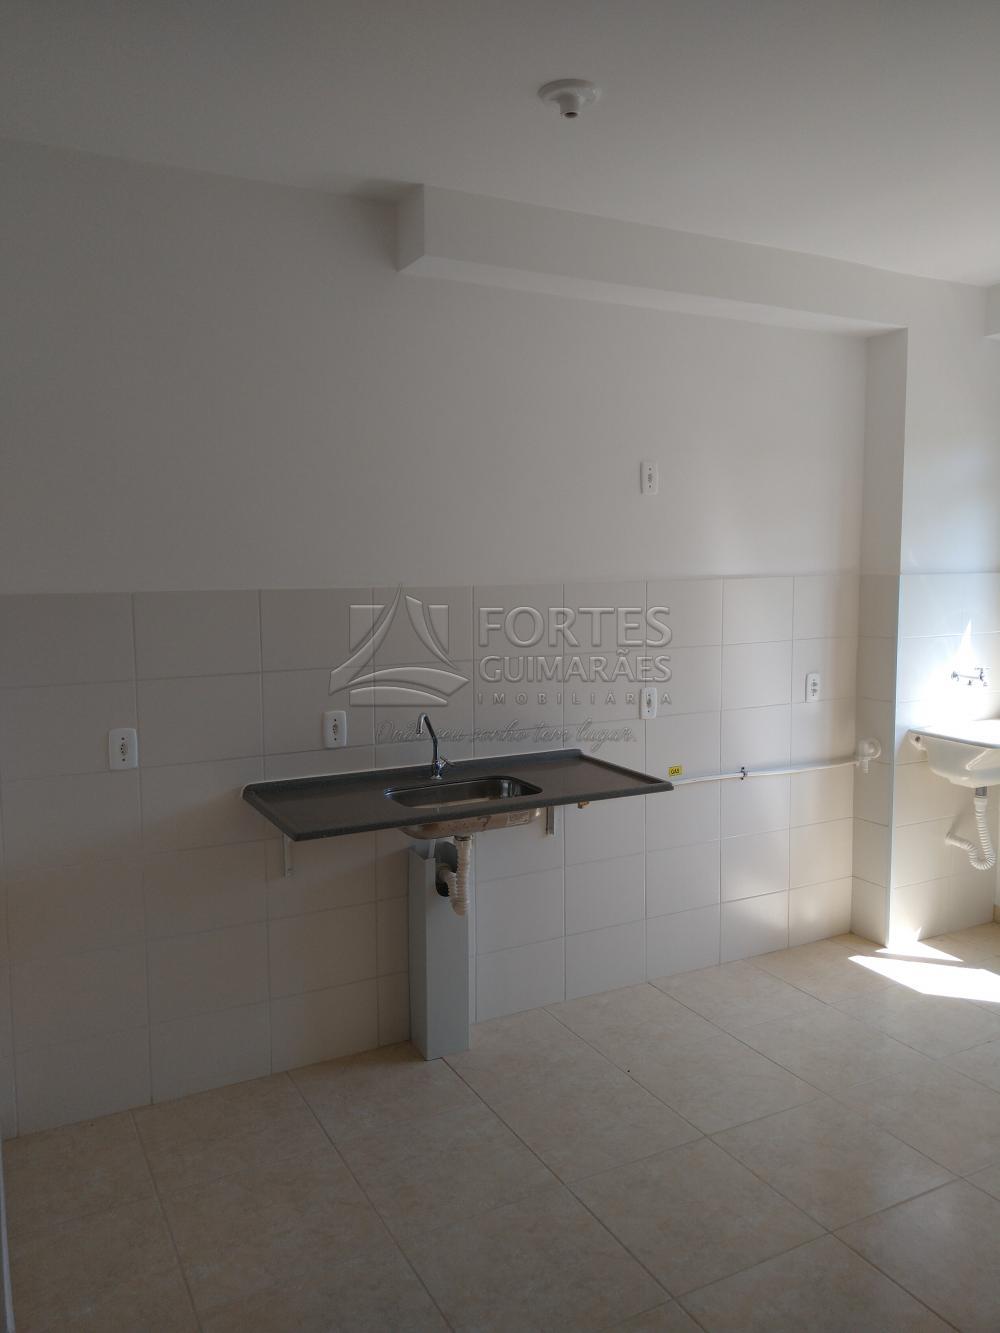 Alugar Apartamentos / Padrão em Ribeirão Preto apenas R$ 700,00 - Foto 21